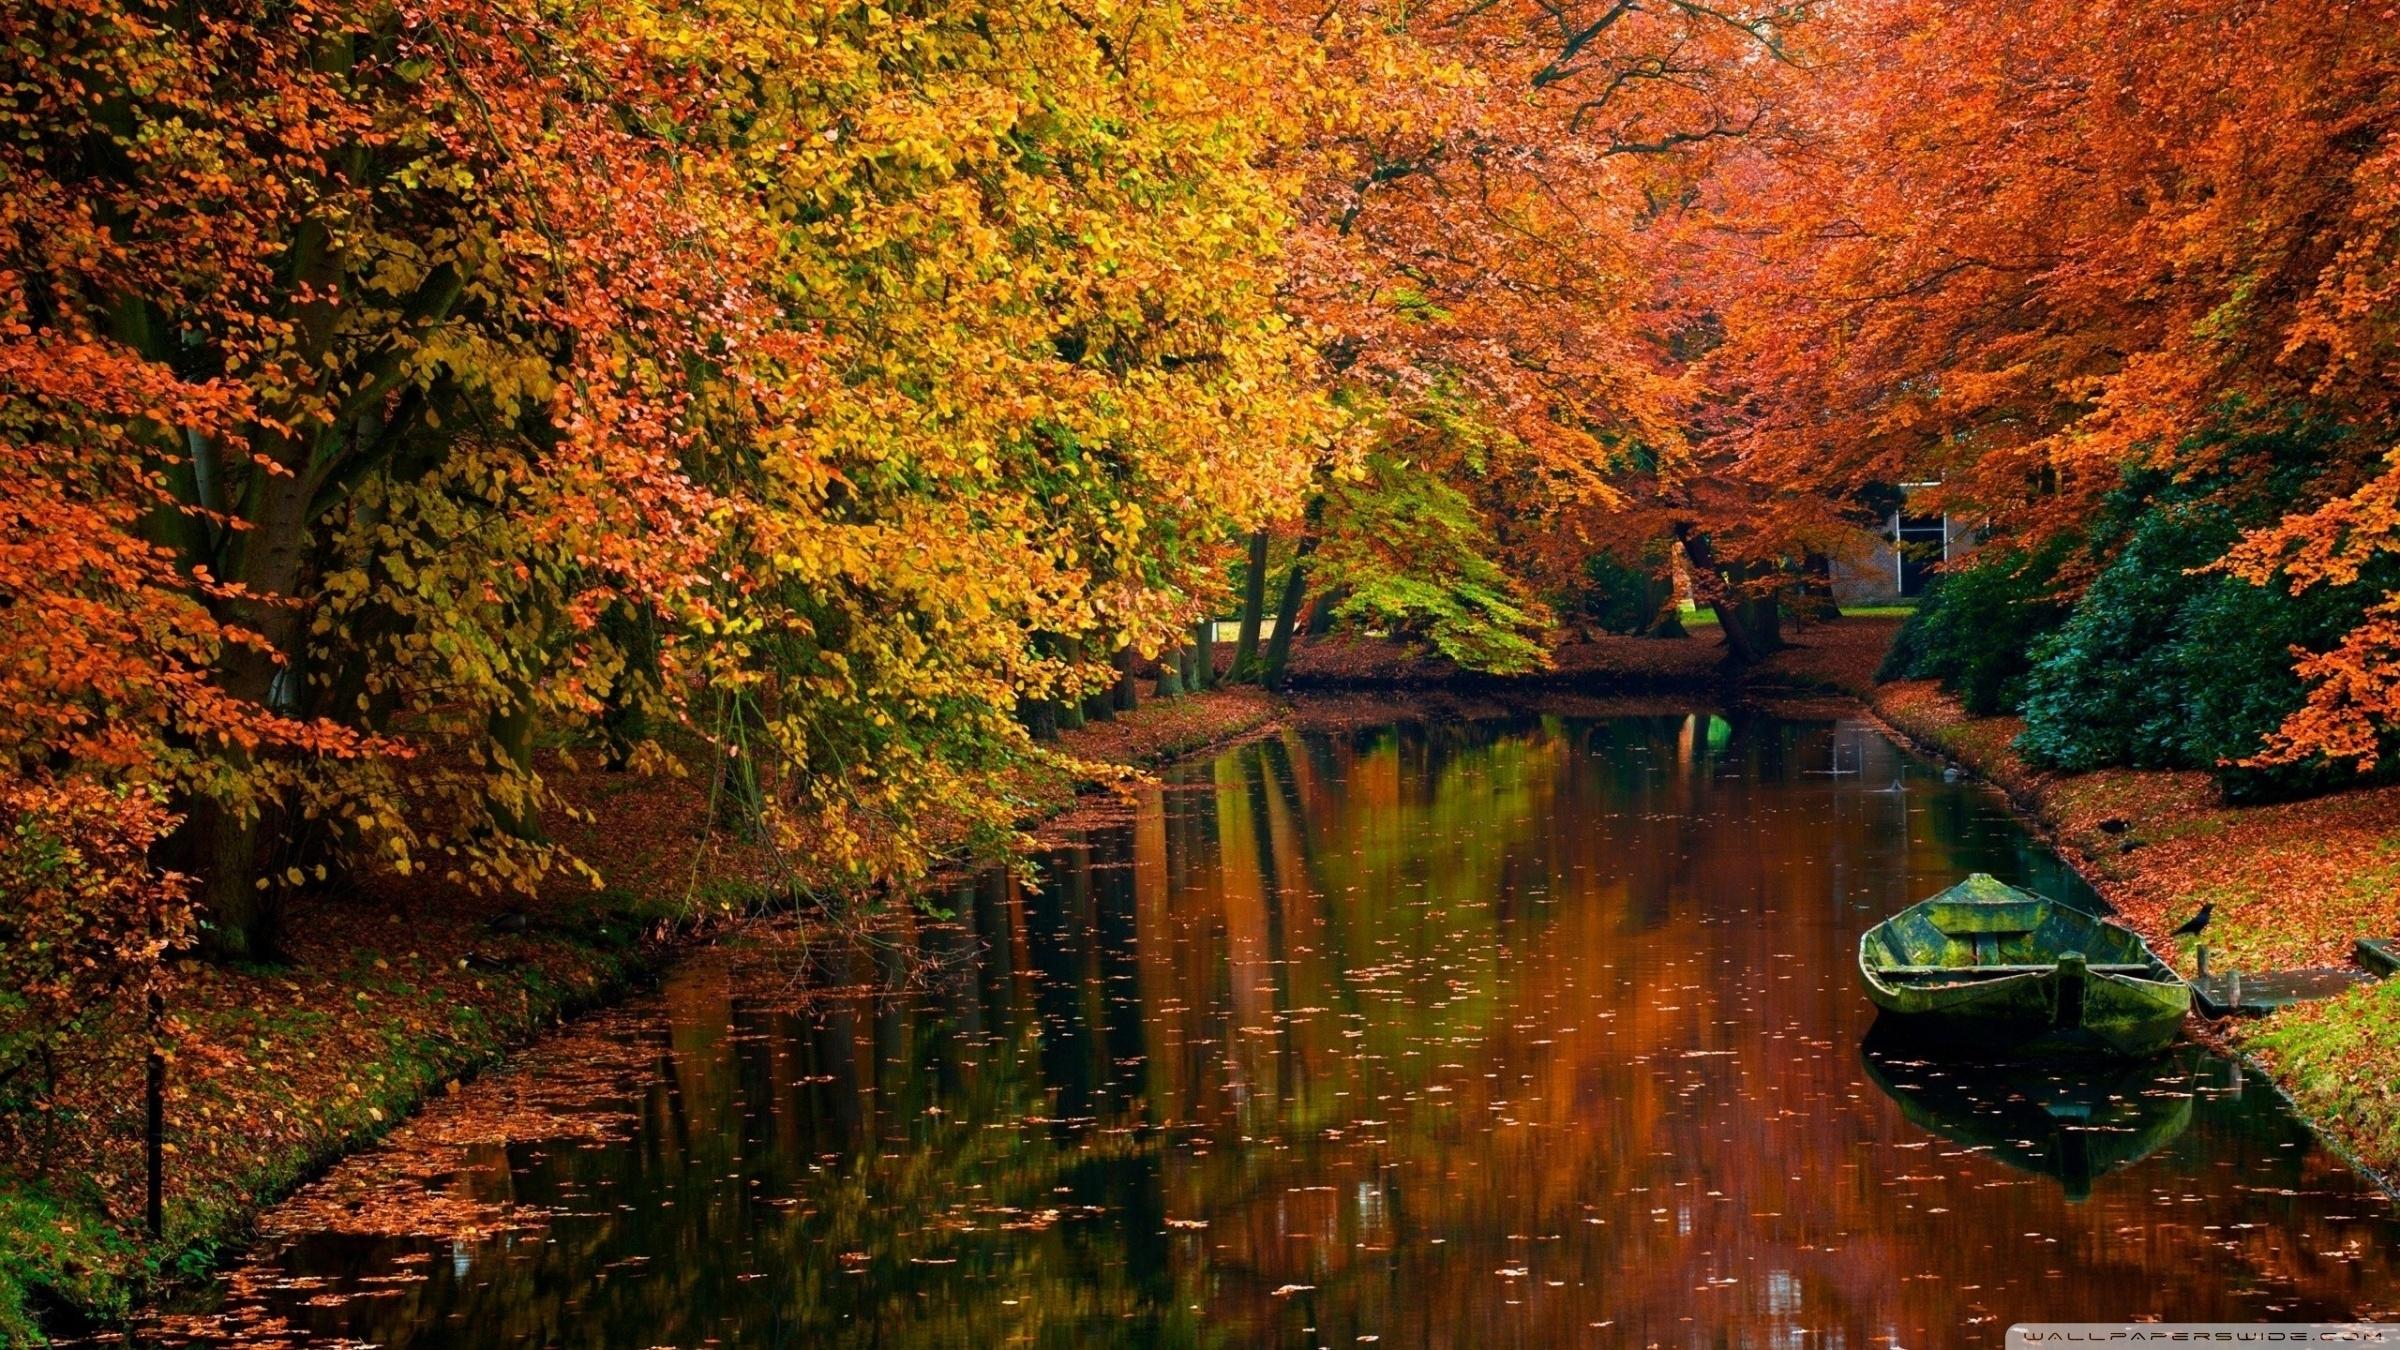 lake in autumn landscape ❤ 4k hd desktop wallpaper for 4k ultra hd